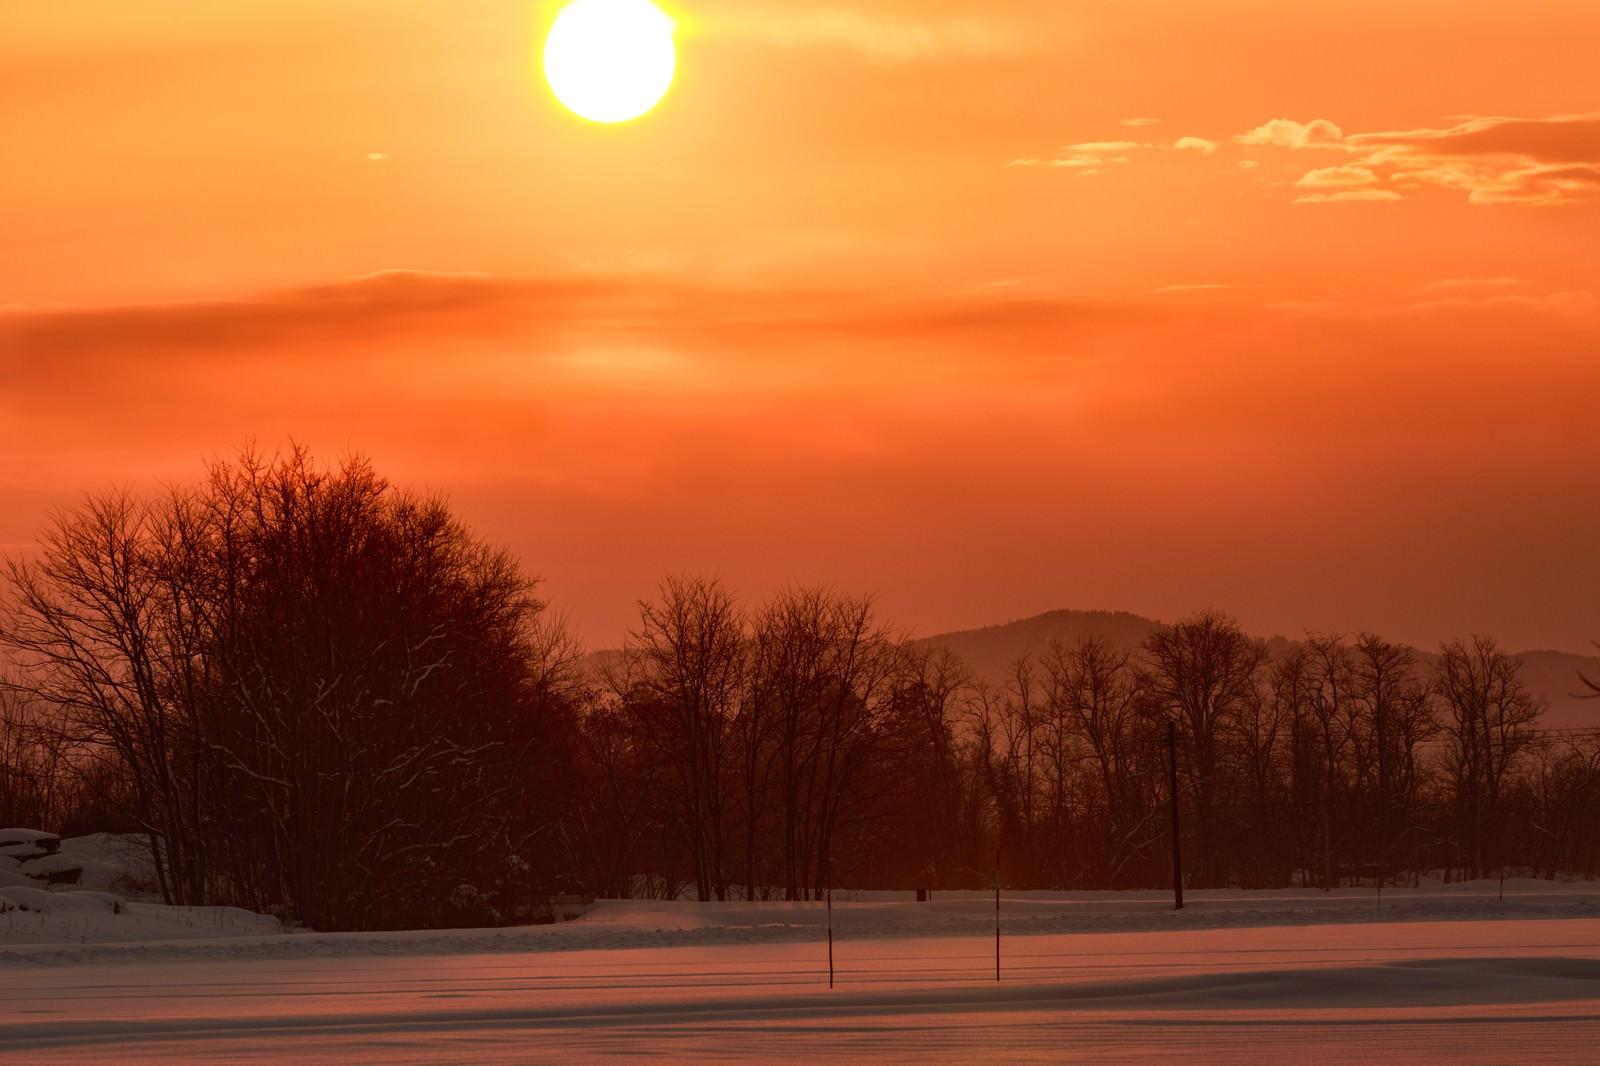 「赤い夕陽」の写真